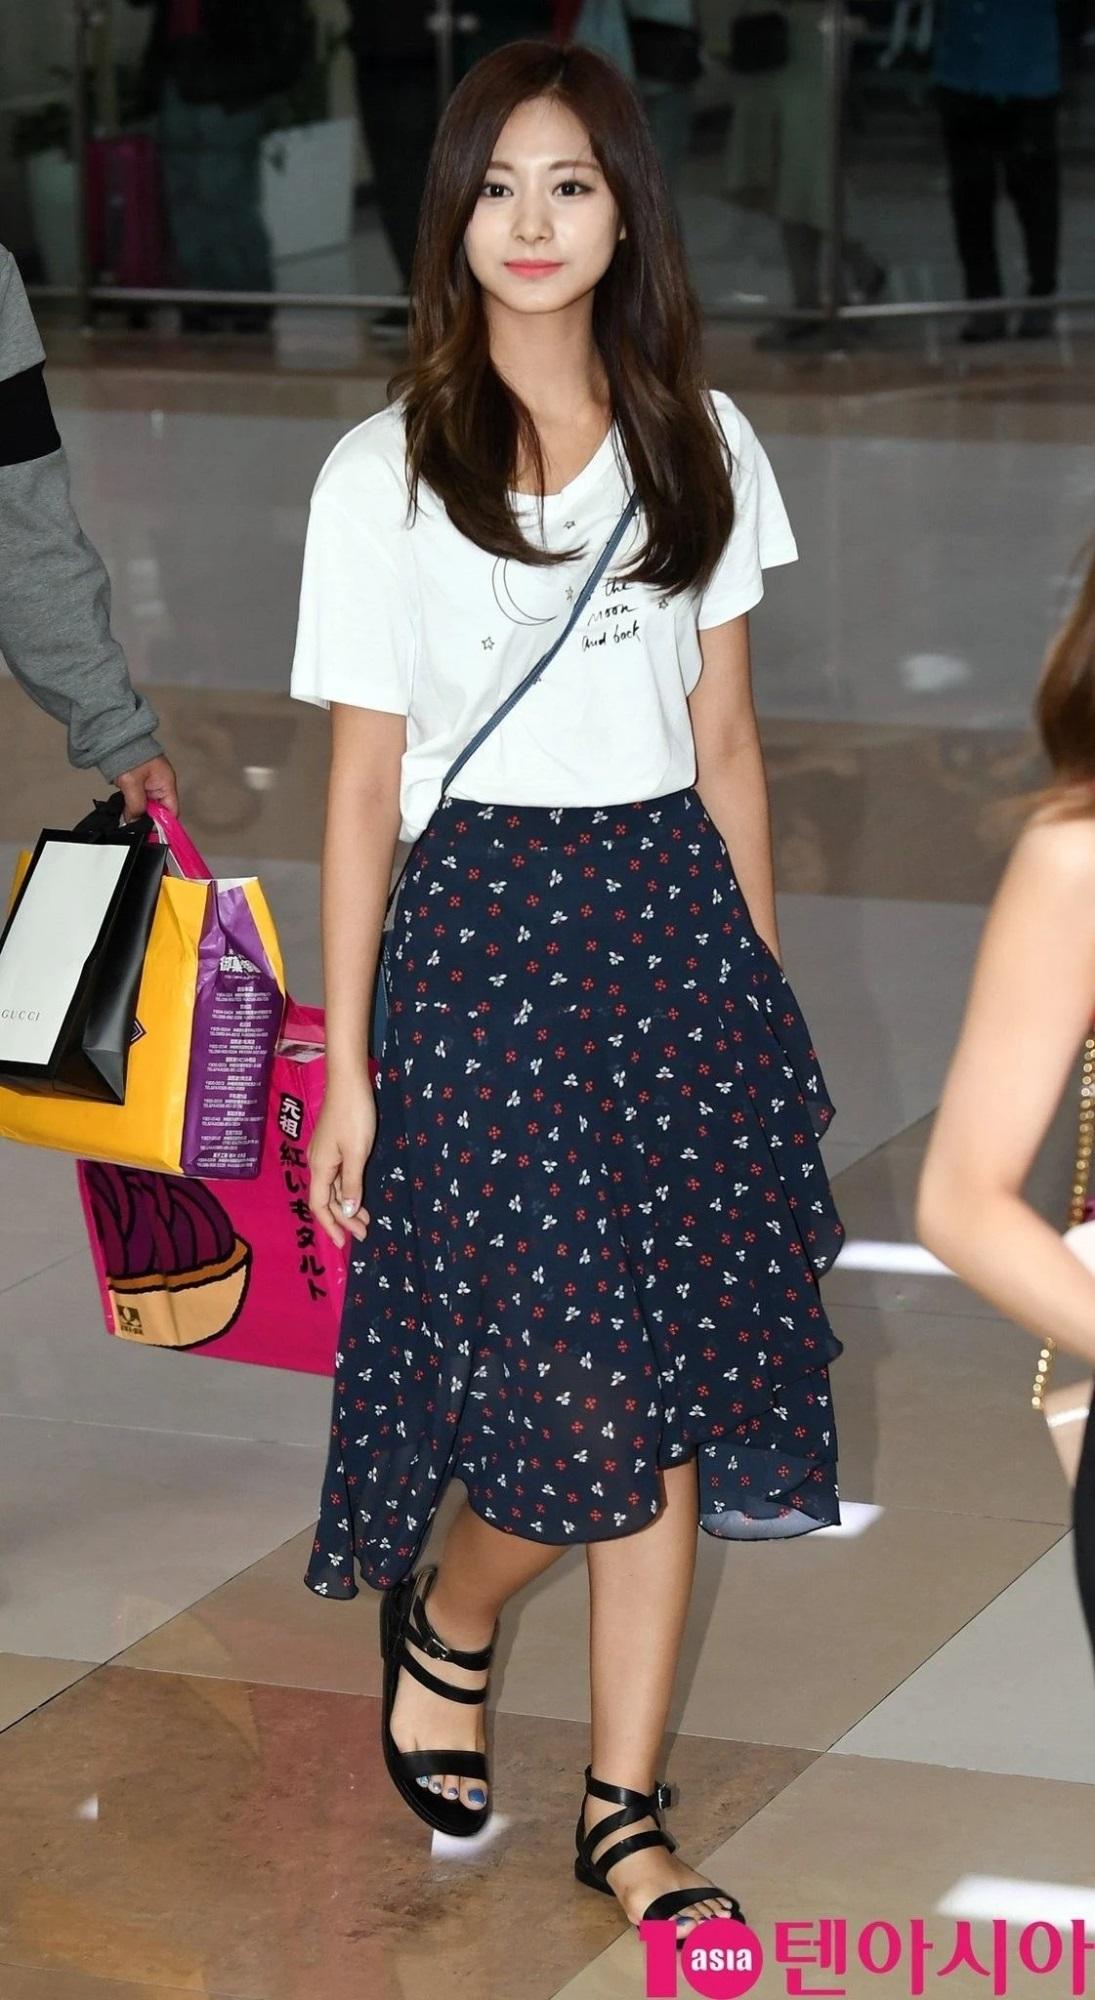 Những bộ váy áo giá rẻ chứng minh Tzuyu là 'idol bình dân' - Ảnh 3